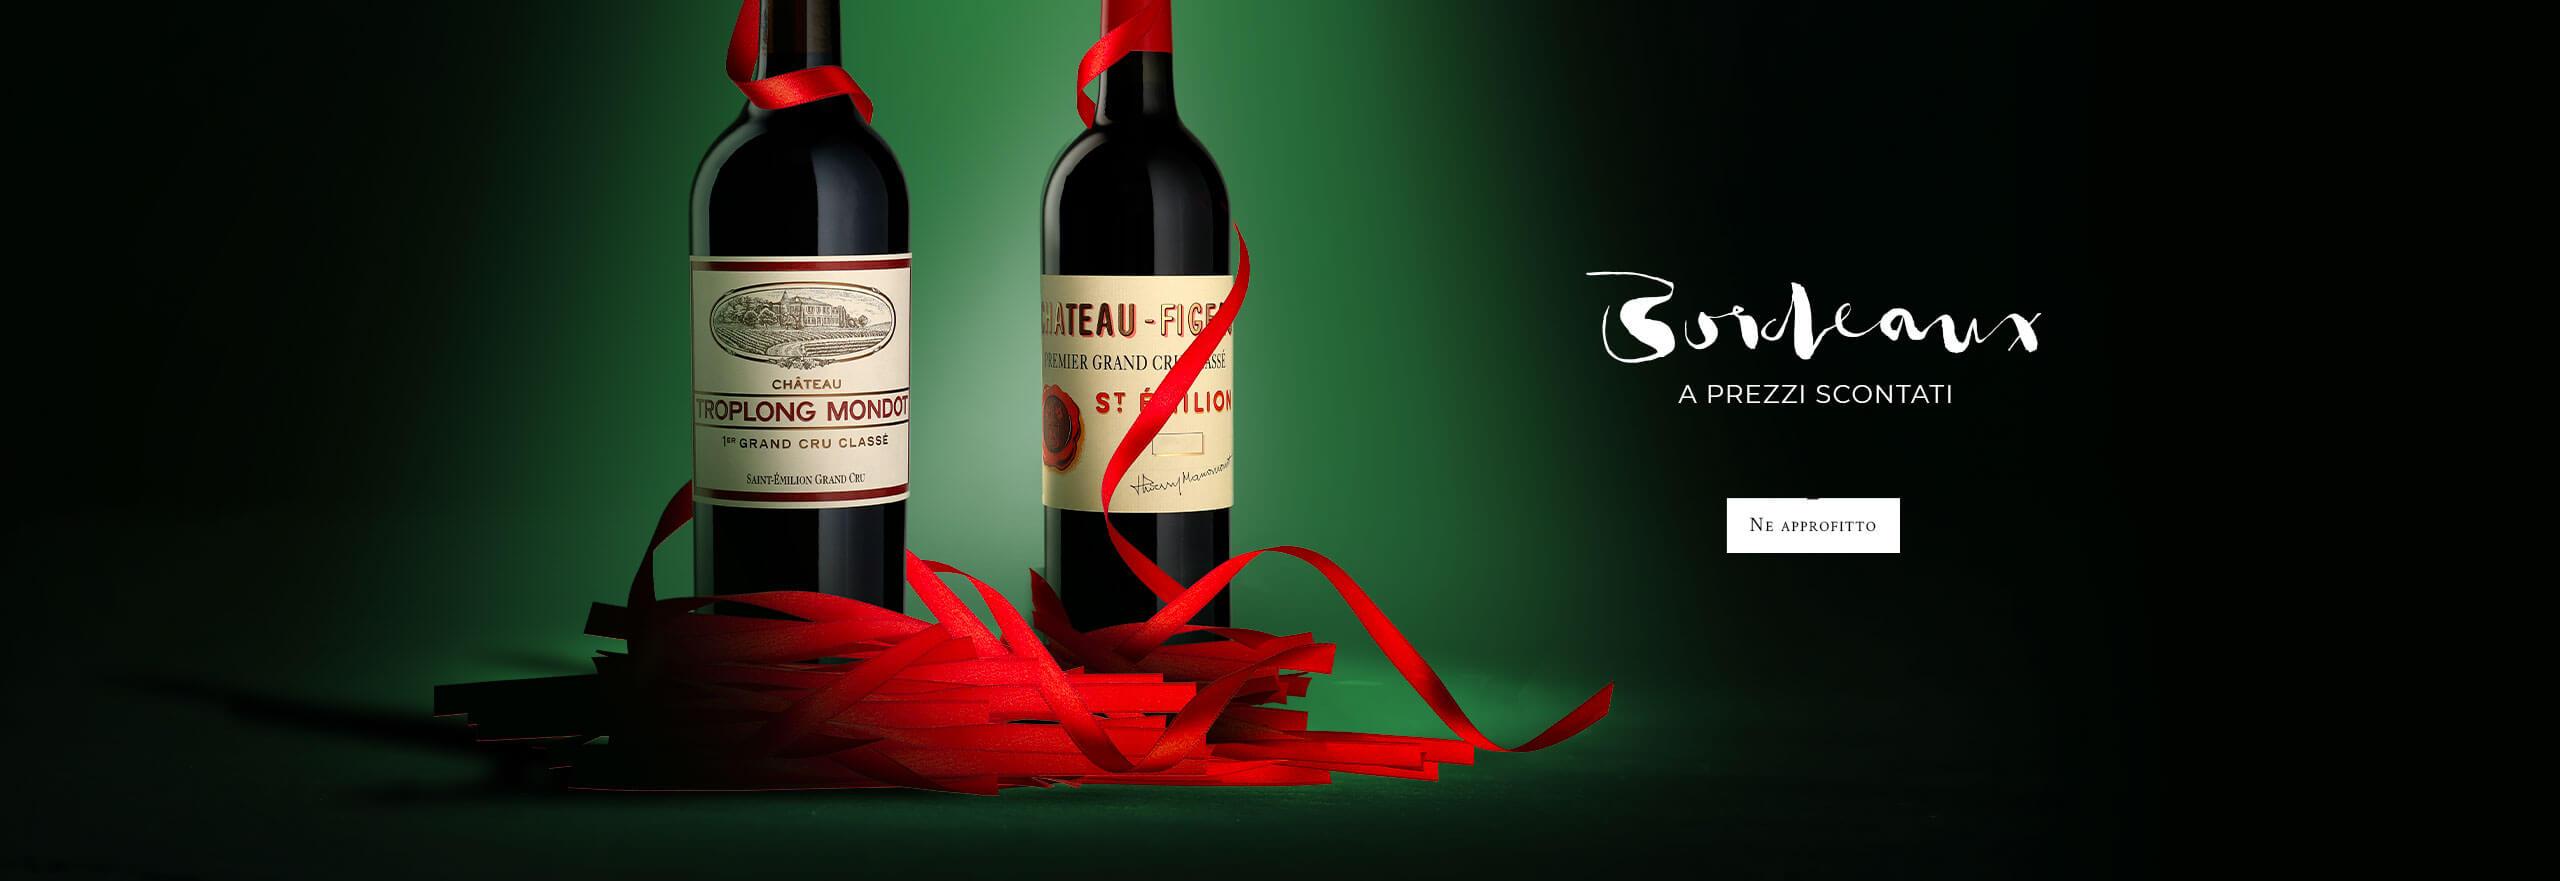 Bordeaux a prezzi scontati : fino al -30% di sconto da subito!